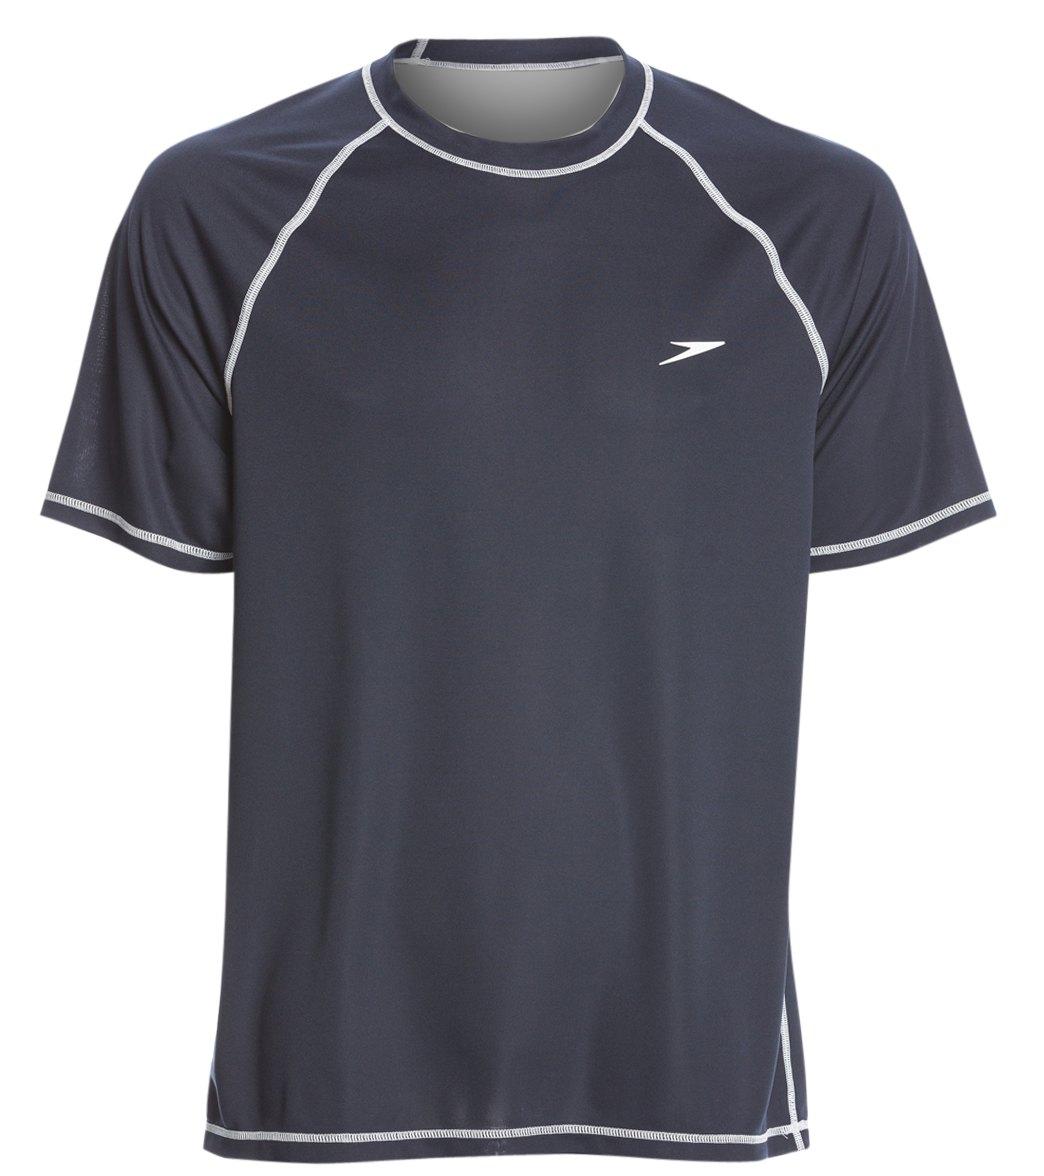 1821696171 Speedo Men's Easy Short Sleeve Swim Shirt at SwimOutlet.com